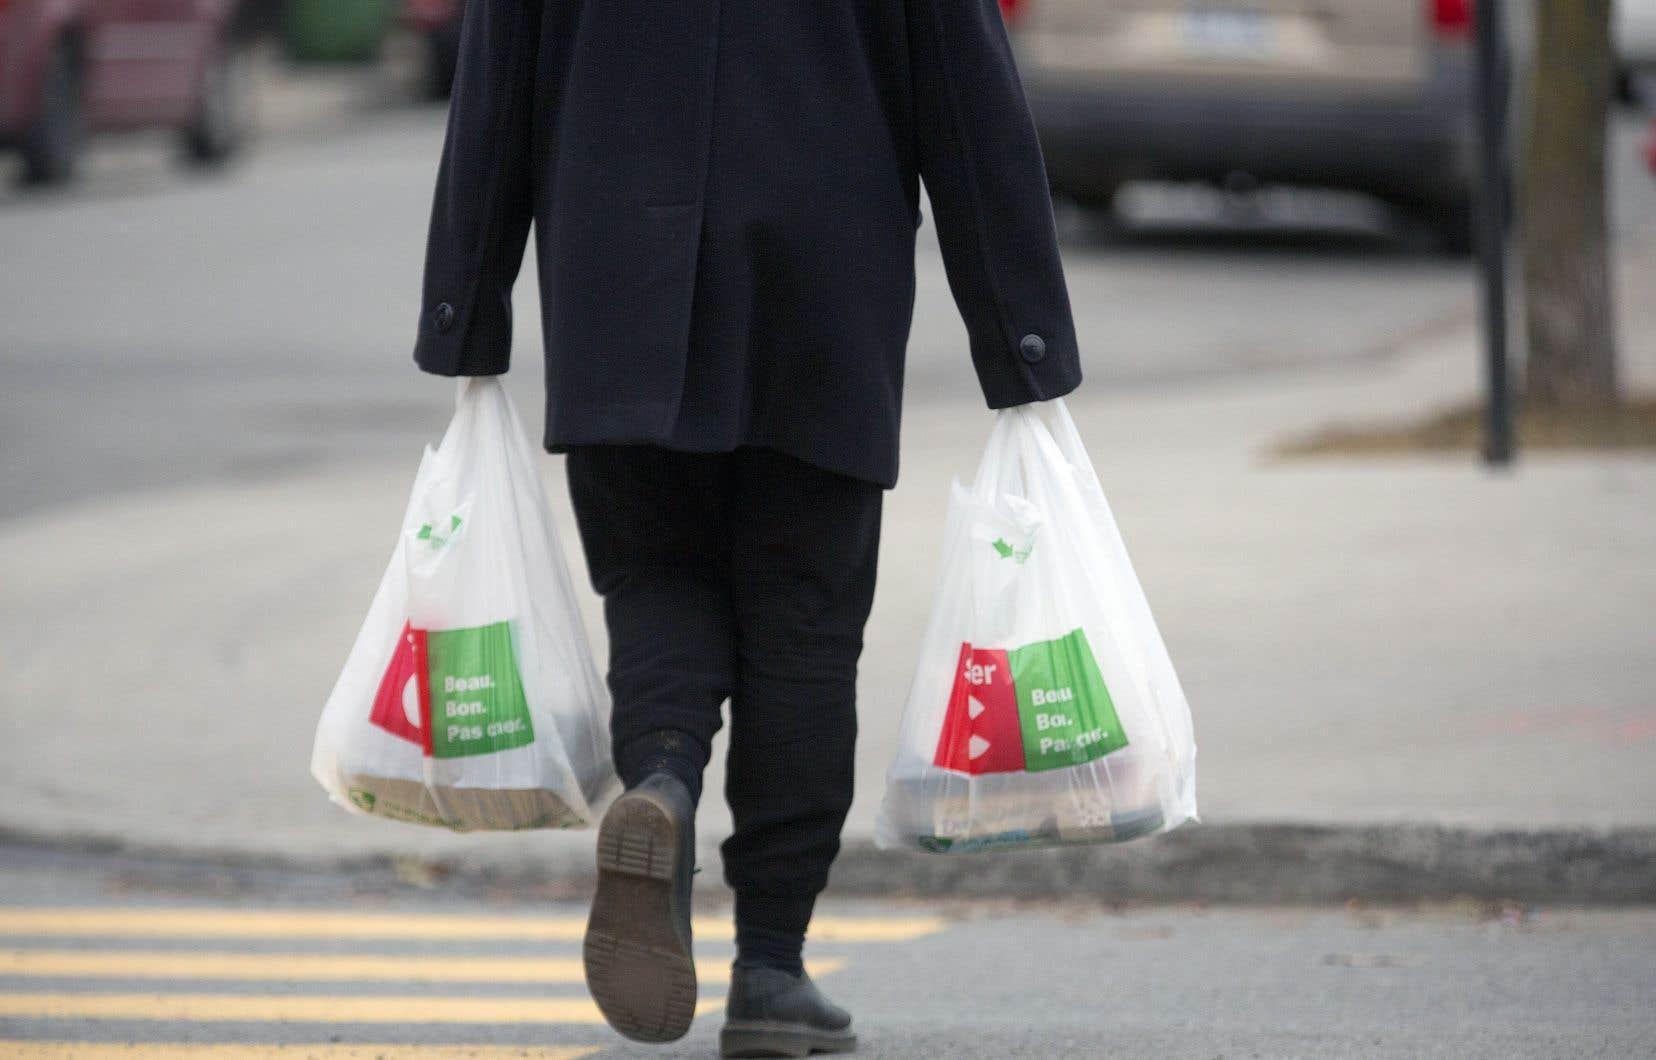 Pour les quartiers où l'offre alimentaire est inexistante, à part les bons vieux dépanneurs, l'utilisation du transport en commun est nécessaire pour aller faire son épicerie, souligne l'auteure.